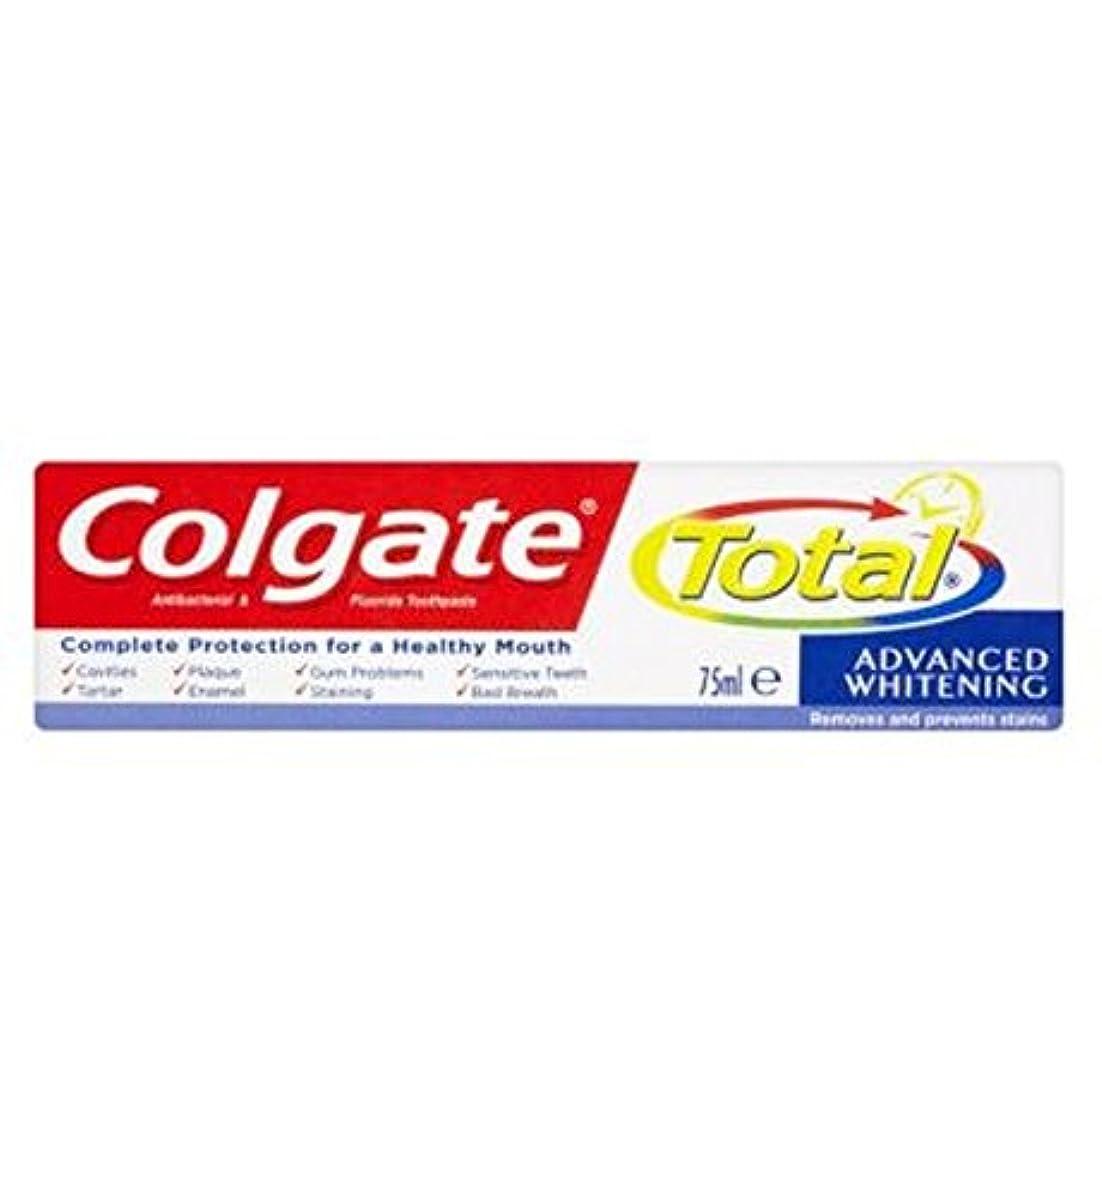 プロフィール賞賛盗難コルゲートトータル高度なホワイトニング歯磨き粉75ミリリットル (Colgate) (x2) - Colgate Total Advanced Whitening toothpaste 75ml (Pack of 2)...